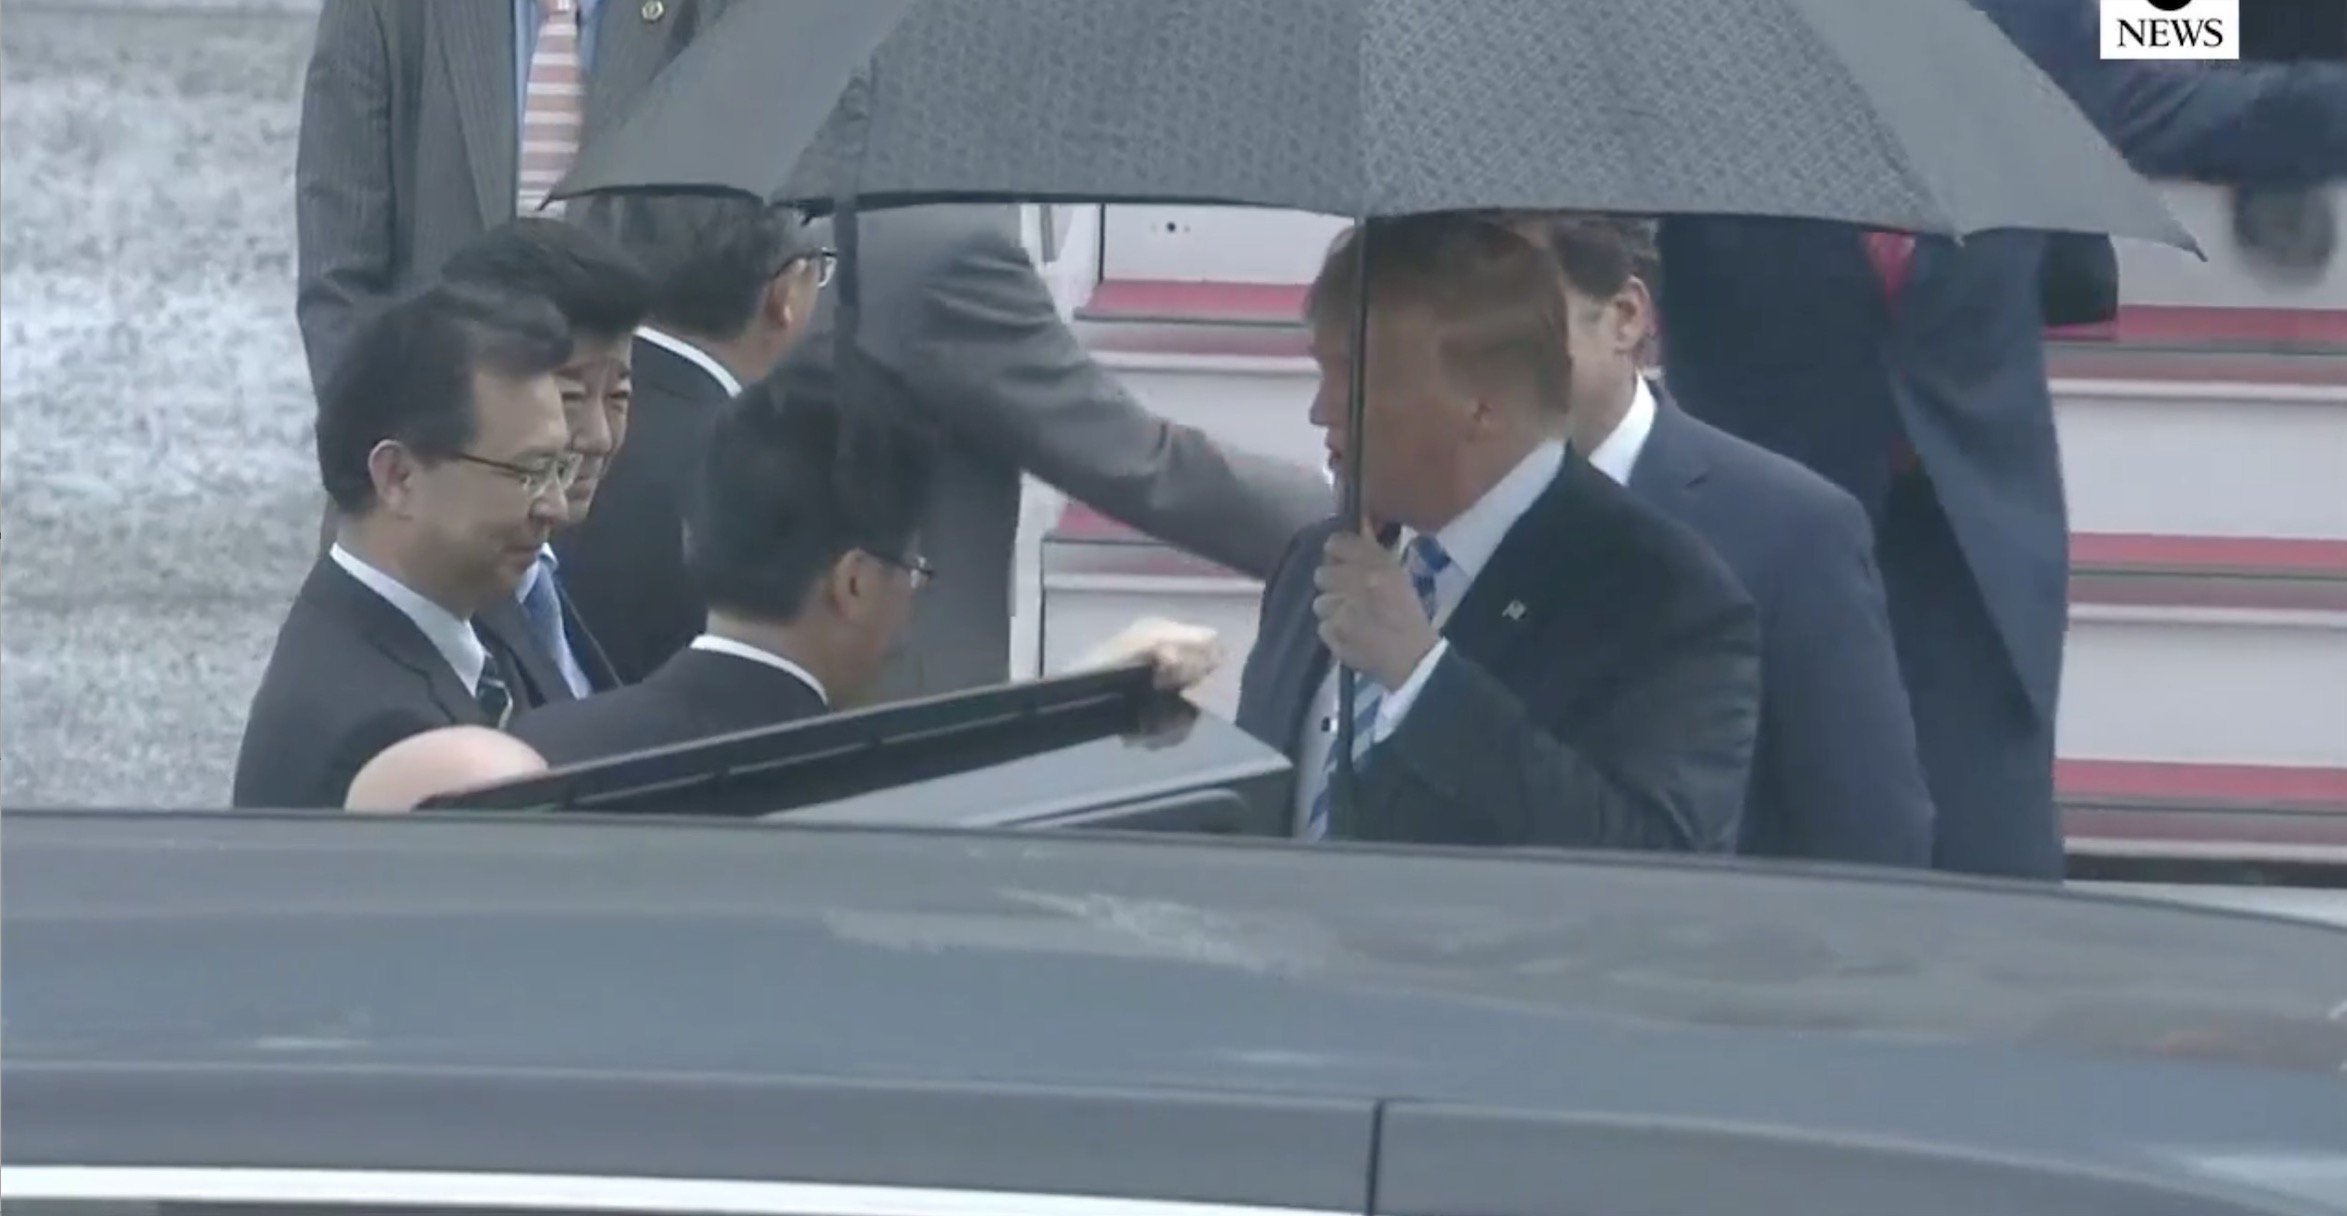 快讯!特朗普刚刚抵达日本大阪,将出席G20峰会